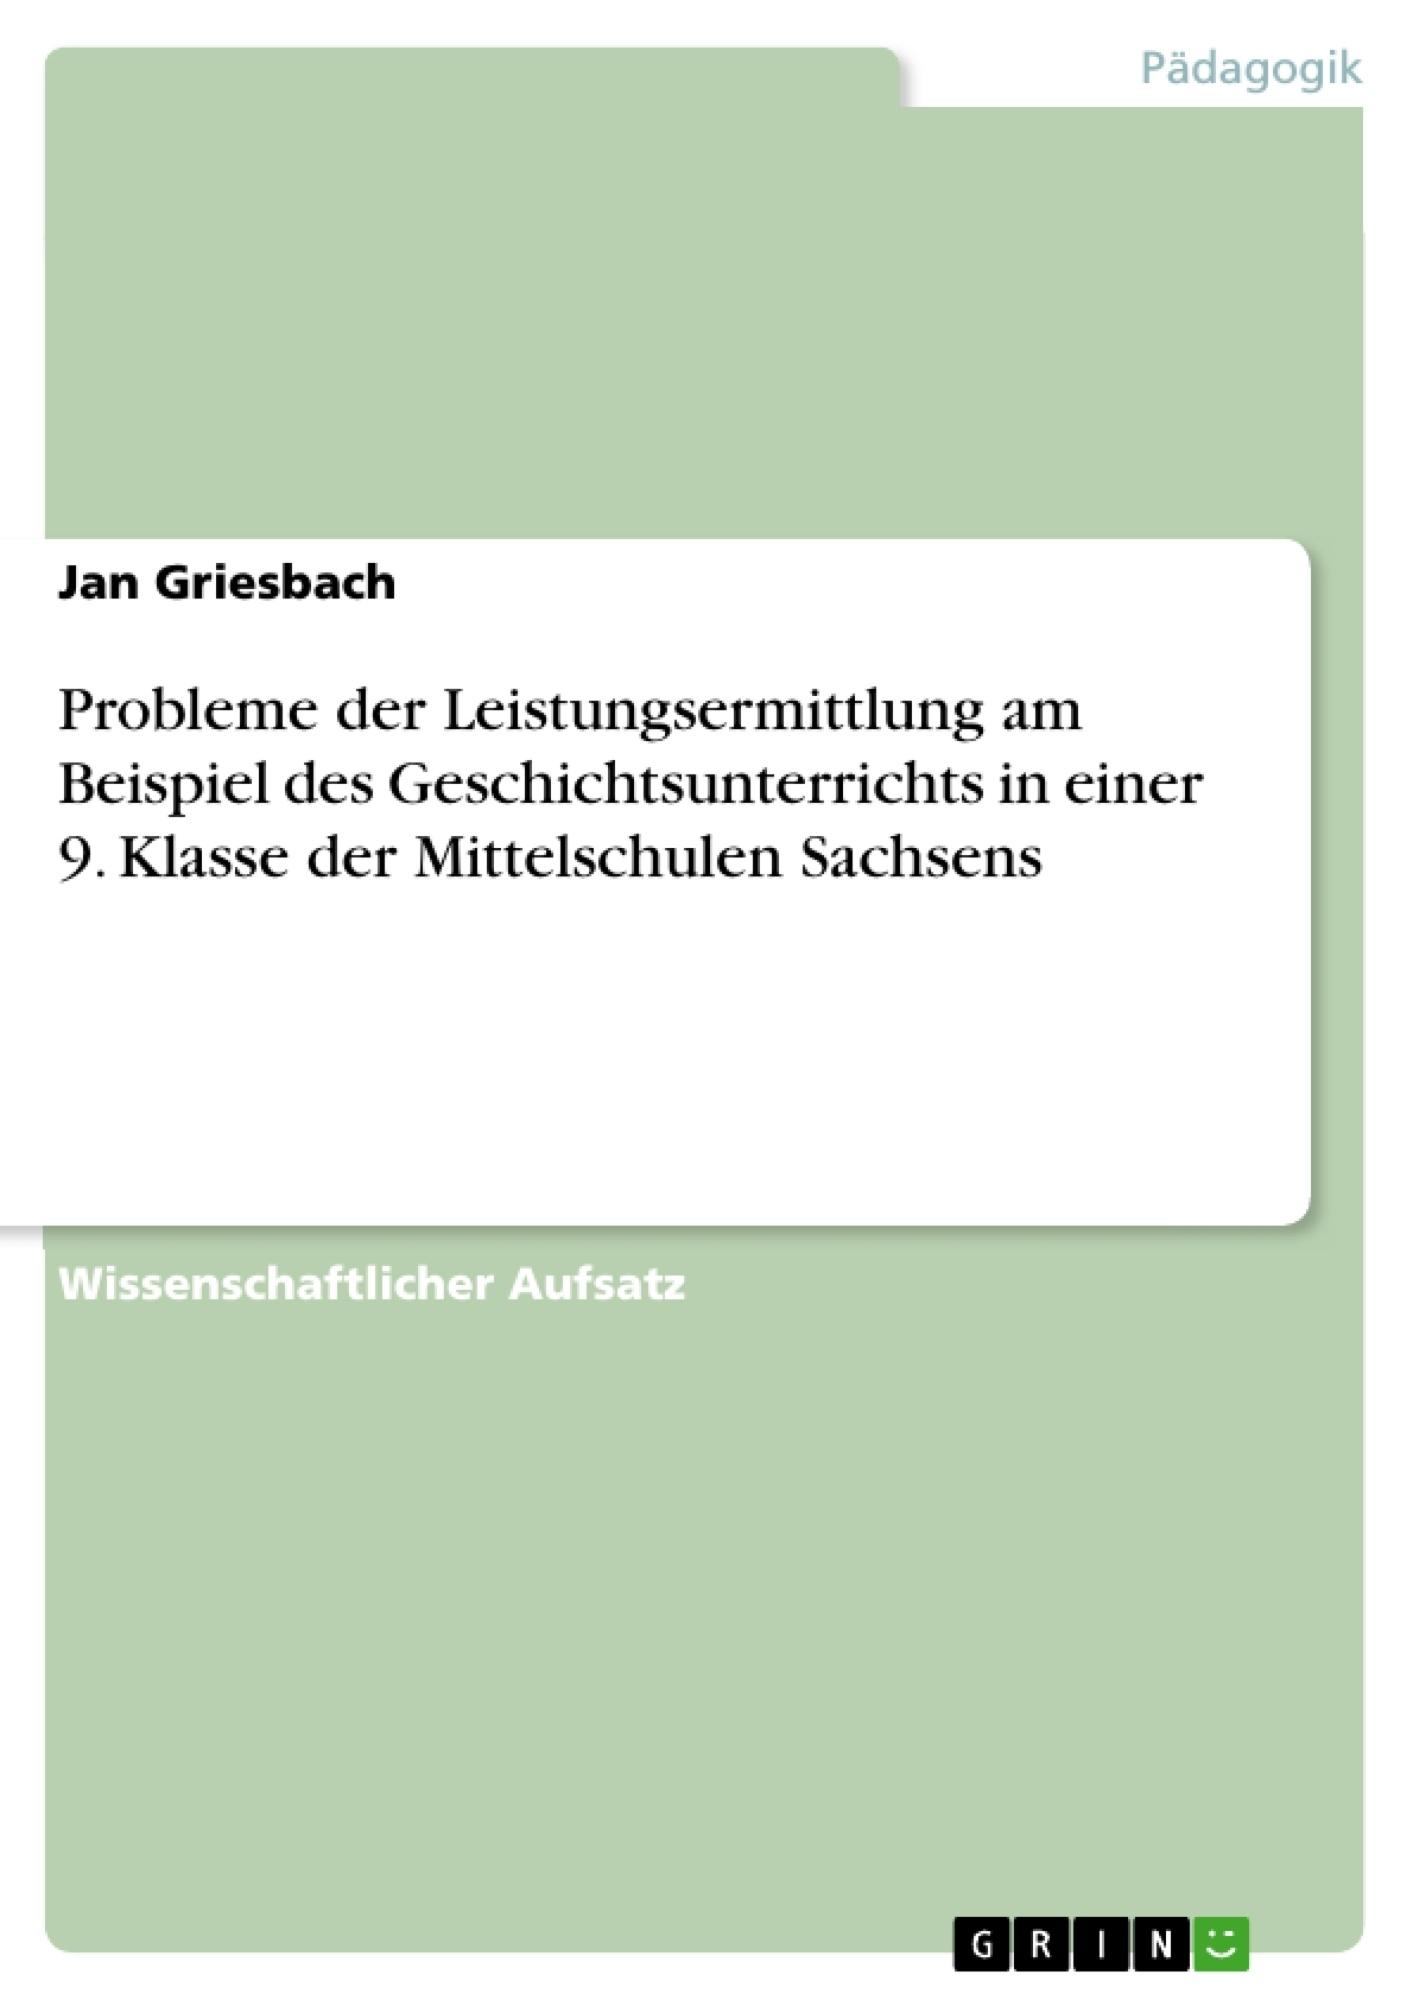 Titel: Probleme der Leistungsermittlung am Beispiel des Geschichtsunterrichts in einer 9. Klasse der Mittelschulen Sachsens